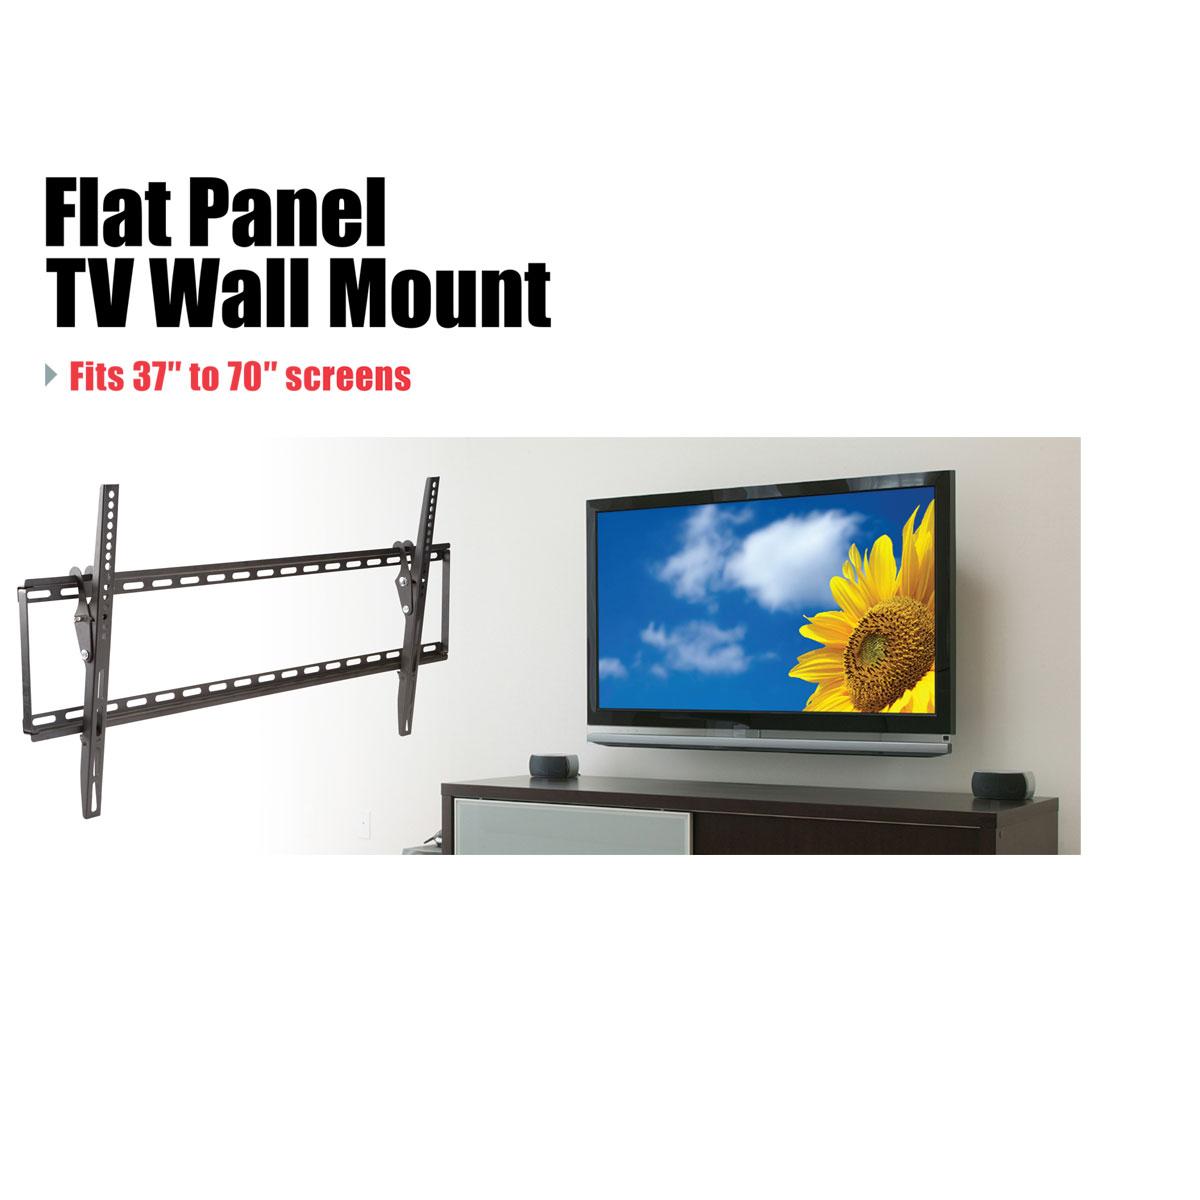 large tilt flat panel tv mount. Black Bedroom Furniture Sets. Home Design Ideas